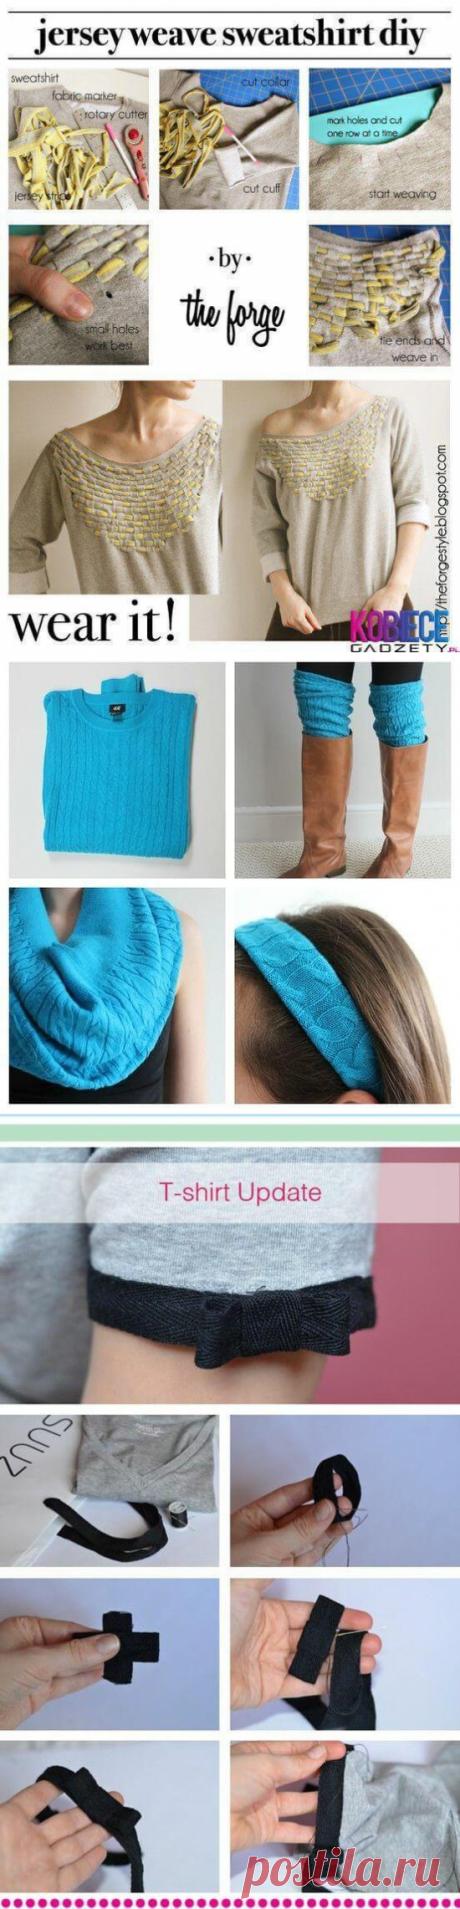 Не выбрасывайте старые свитера - море идей для переделки!   Тысяча и одна идея